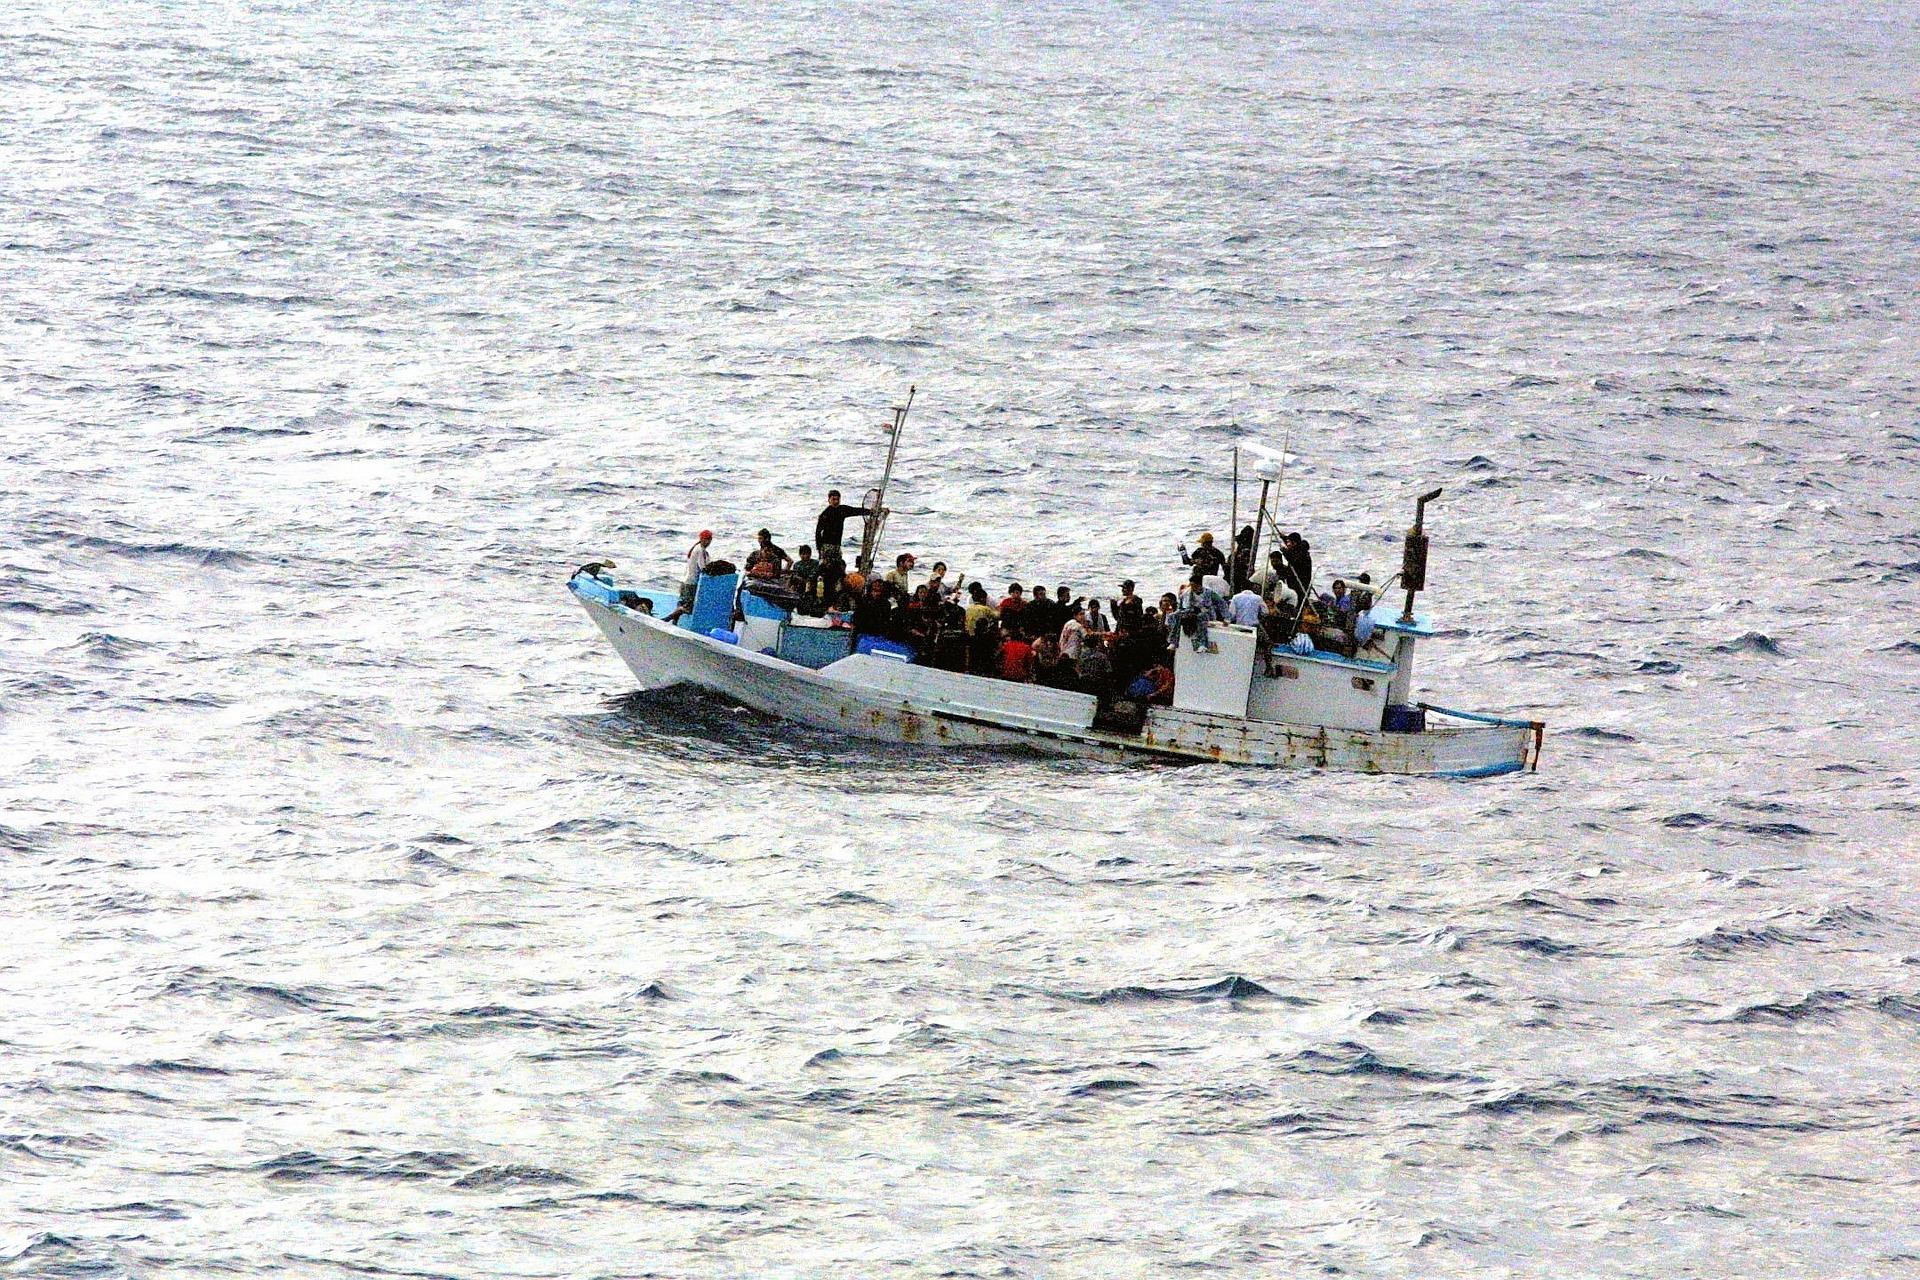 Großbritannien: Illegale Einwanderung über Ärmelkanal rasant gestiegen